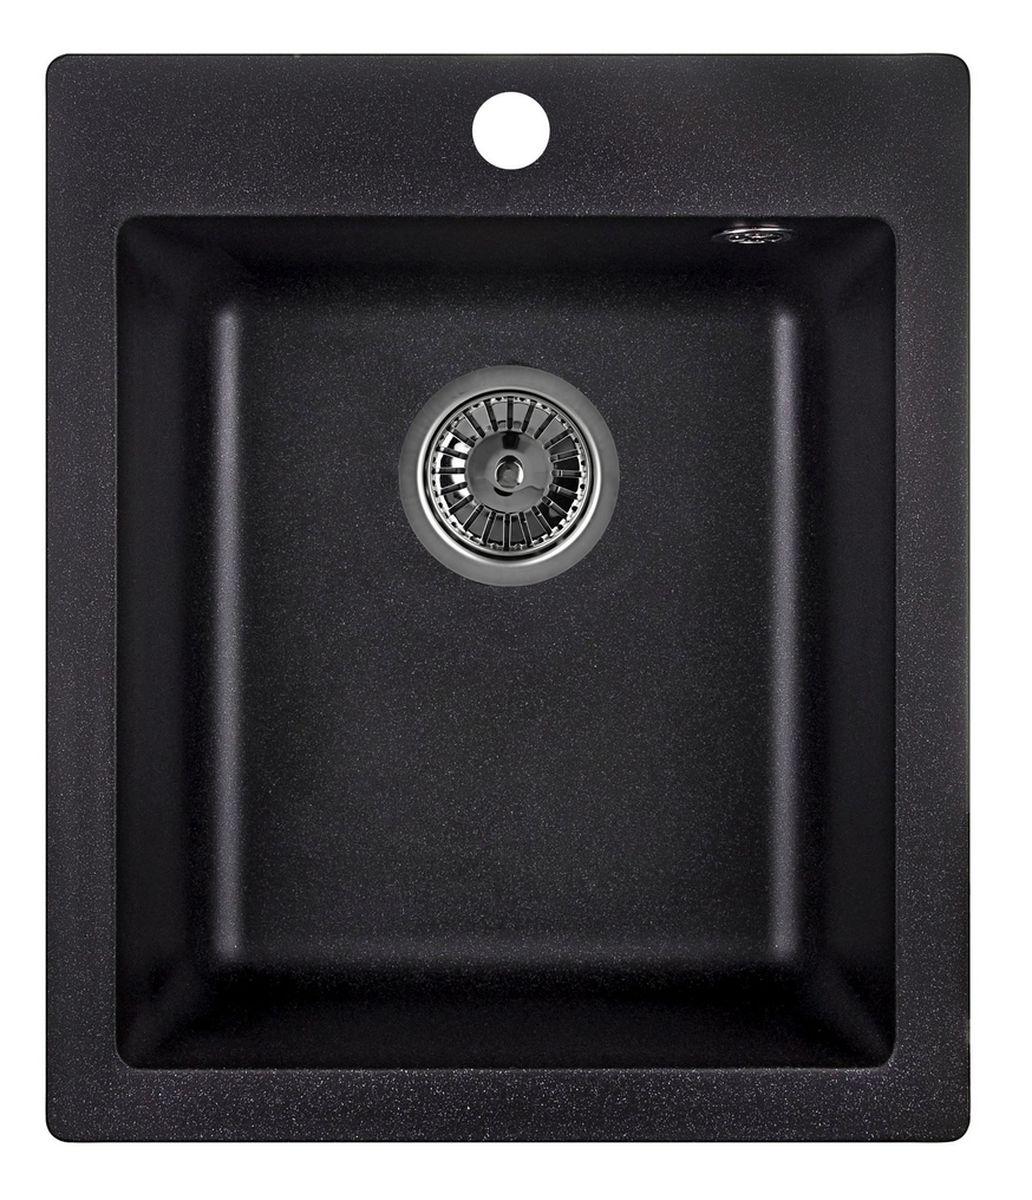 Мойка Weissgauff Quadro 420 Eco Granit, цвет: черный, 41,5 х 19,5 х 49,0 см306169Гранитные мойки Weissgauff Eco Granit – классическая коллекция моек, изготовленных из специально подобранных композитных материалов , содержащих оптимальное сочетание 80% каменной массы высокого качества и 20% связующих материалов. Оригинальный и функциональный дизайн - технология изготовления позволяет создавать любые цвета и формы, оптимальные для современных кухонь. Мойки Weissgauff легко подобрать к интерьеру любой кухни, для разных цветов и форм столешниц Влагостойкость - отталкивание влаги – одна из примечательных особенностей моек из искусственного камня за счет связующих композитных материалов, которые продлевают их срок службы и способствуют сохранению первоначального вида Термостойкость - подвергая мойки воздействию высоких температур, например, различными горячими жидкостями, будьте уверенны, что мойки Weissgauff – эталон стойкости и качества, так как они устойчивы к перепаду температур. Специальный состав моек Weisgauff избавляет от проблемы...